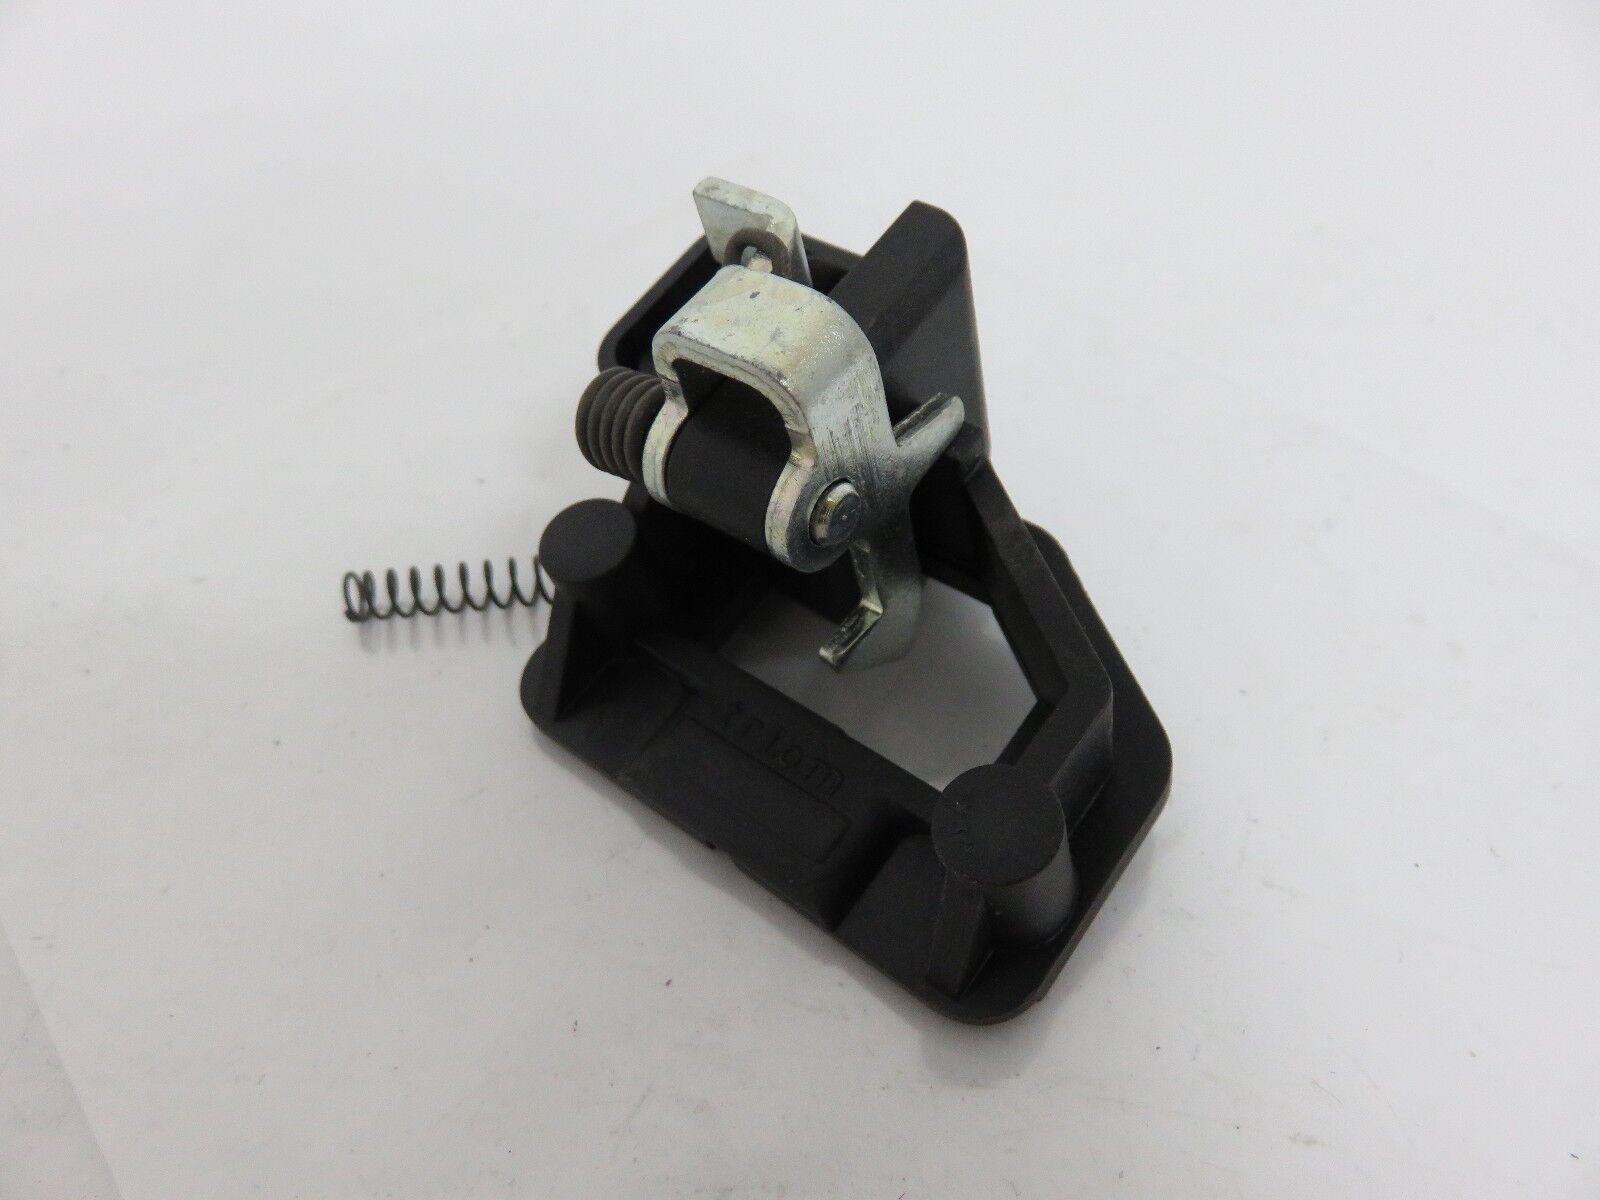 OEM Piaggio Vespa PK50 PK125 Left Switch Cover PN 178768